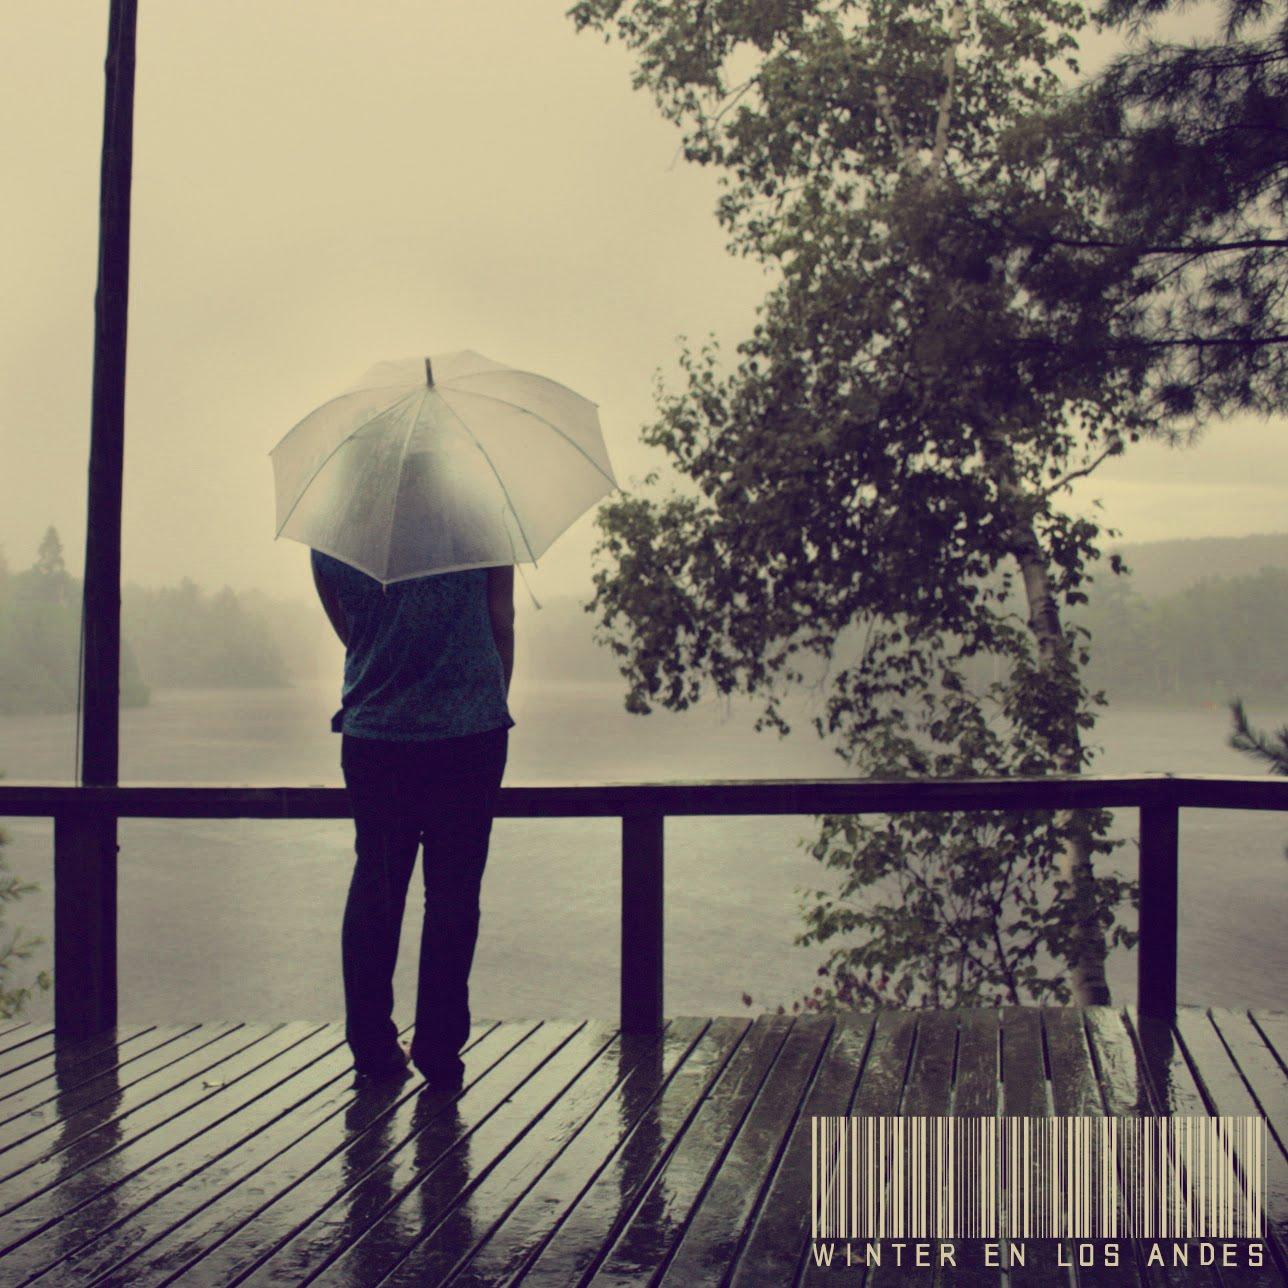 winter en los andes gotas de lluvia en la obscuridad